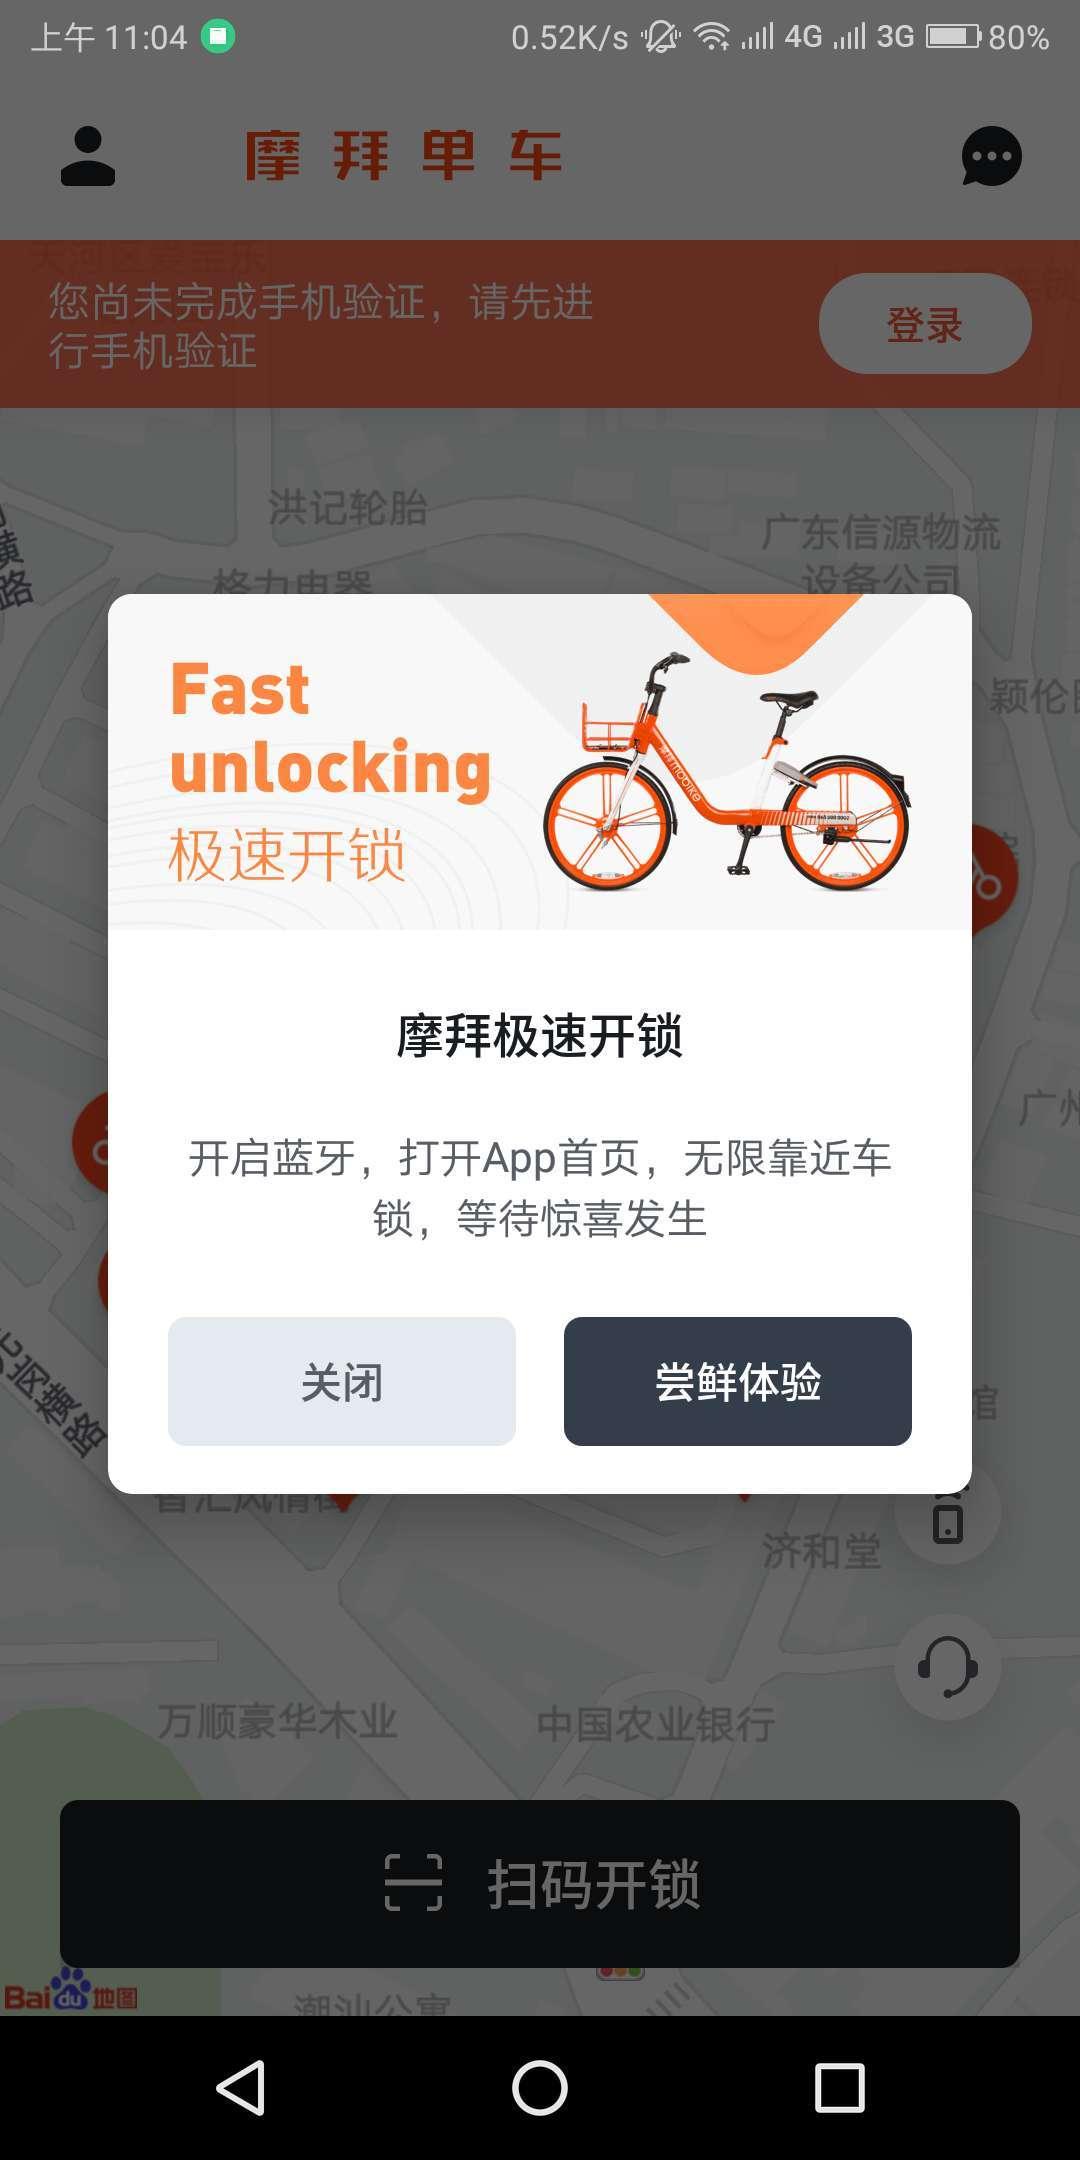 摩拜免扫码解锁上线 提高用户便利性